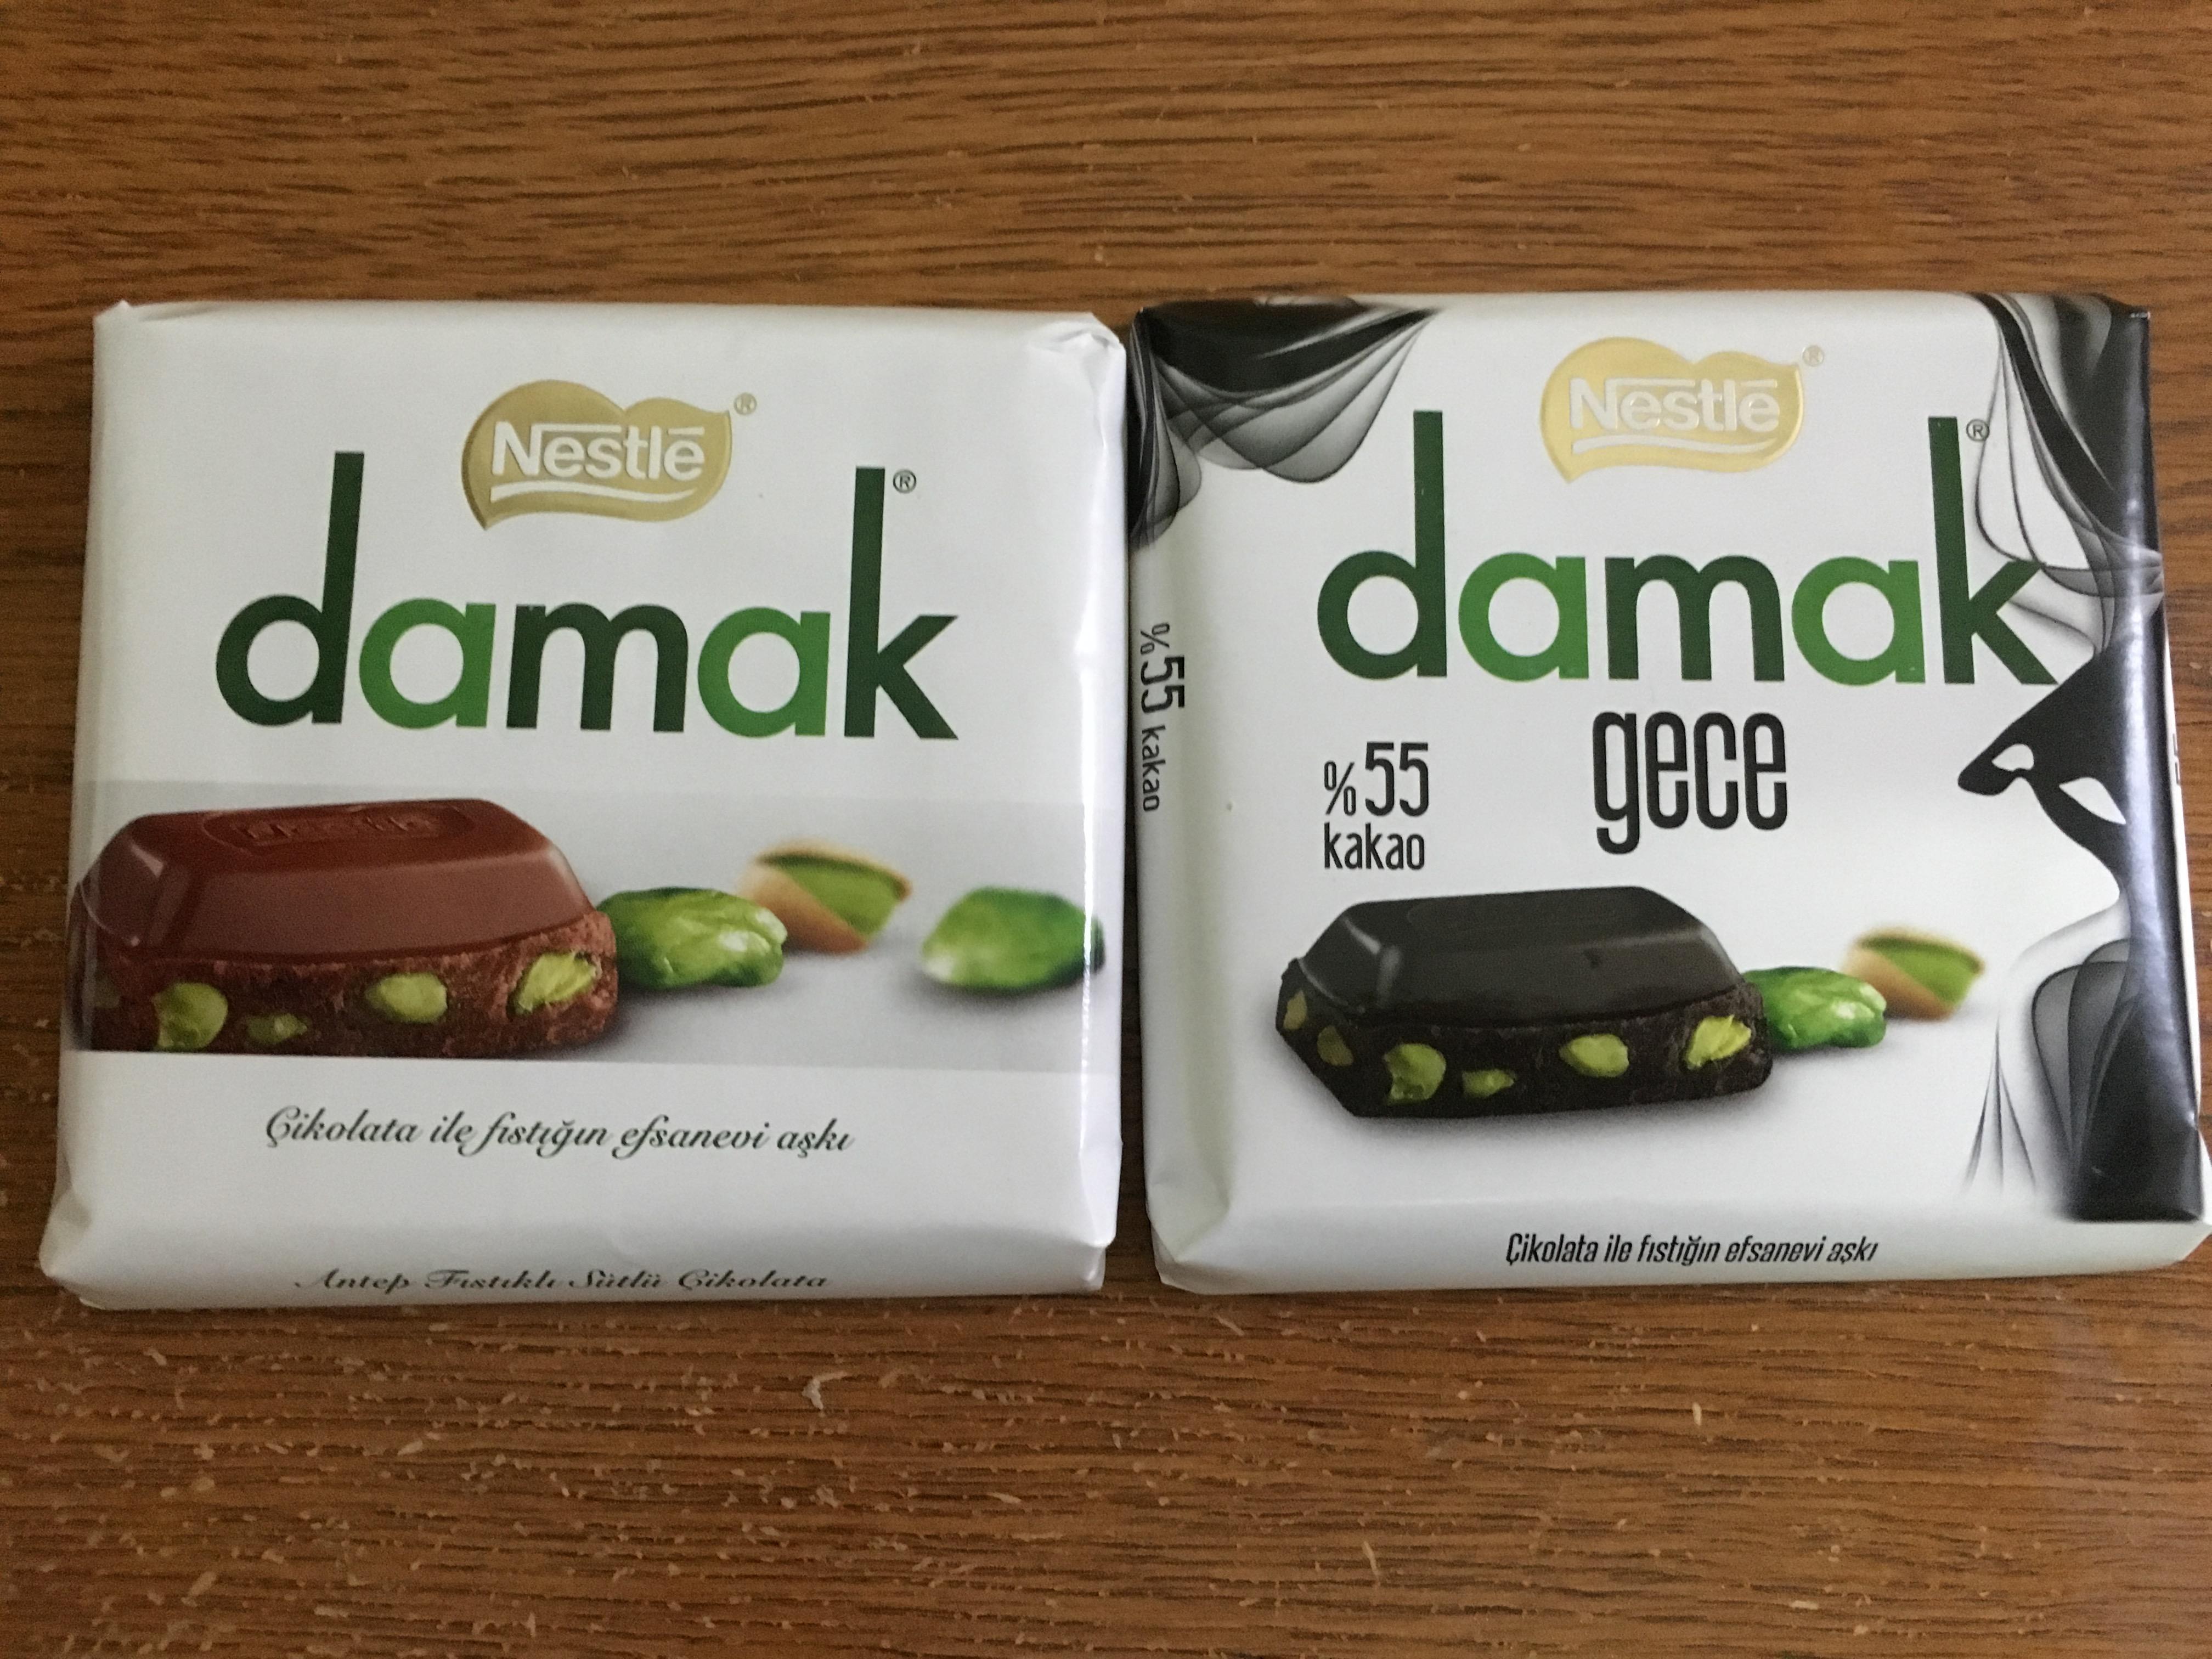 Nestle「ダマックチョコレート」2種類を食べ比べ!味やカロリーは?